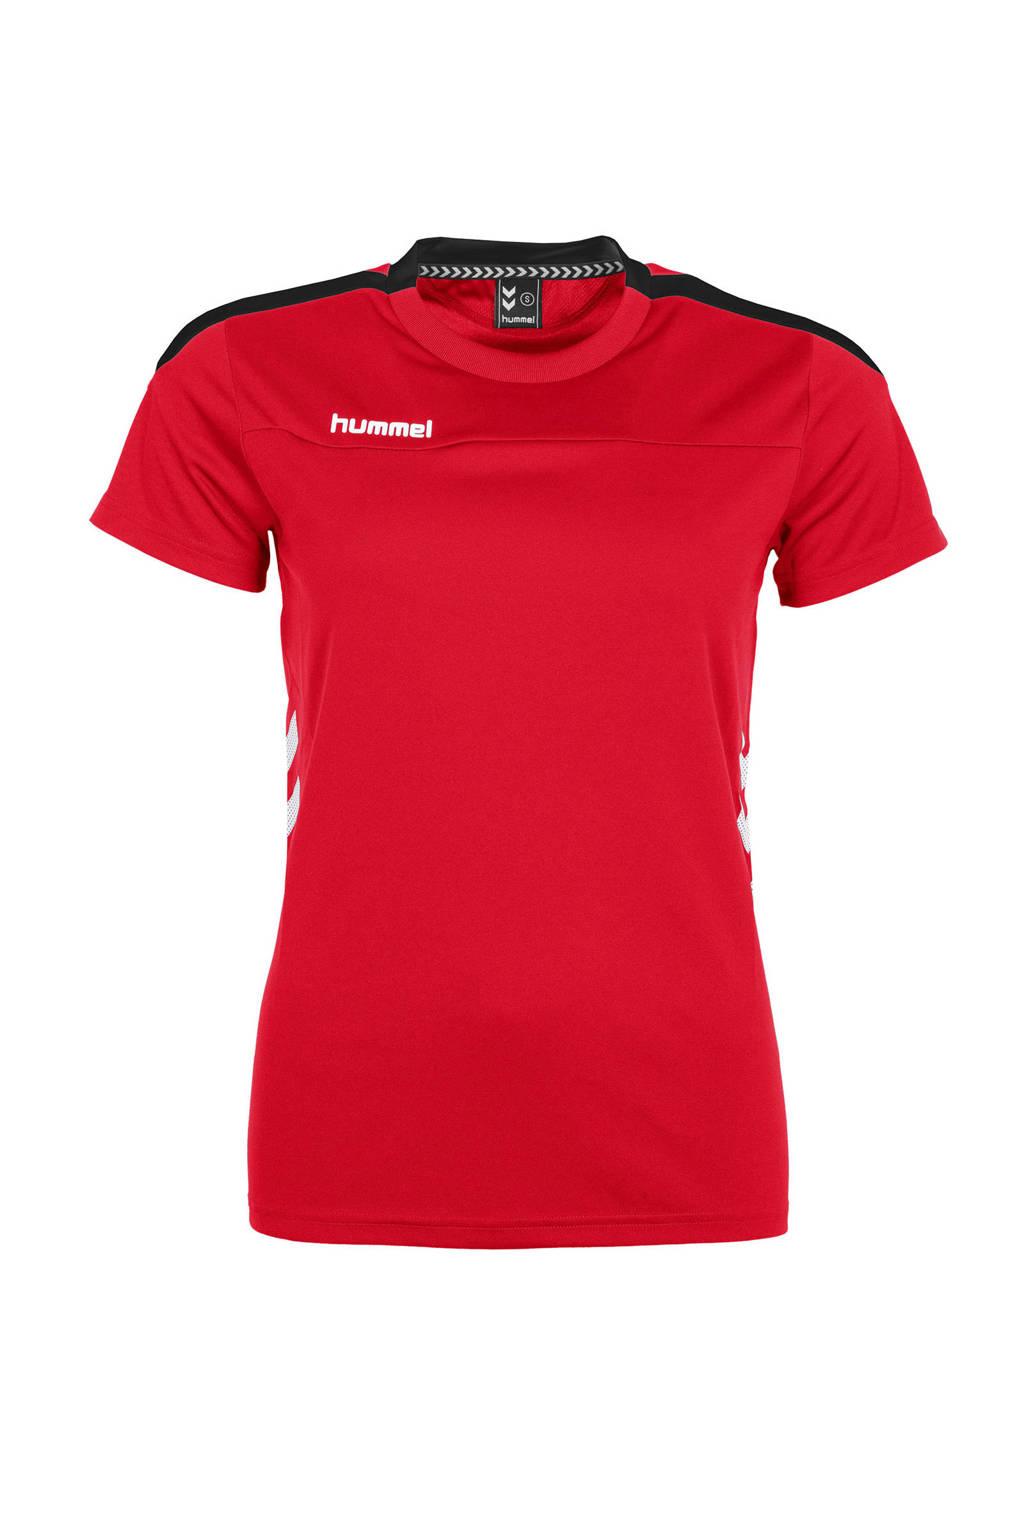 hummel sport T-shirt rood, Rood/zwart/wit, Dames